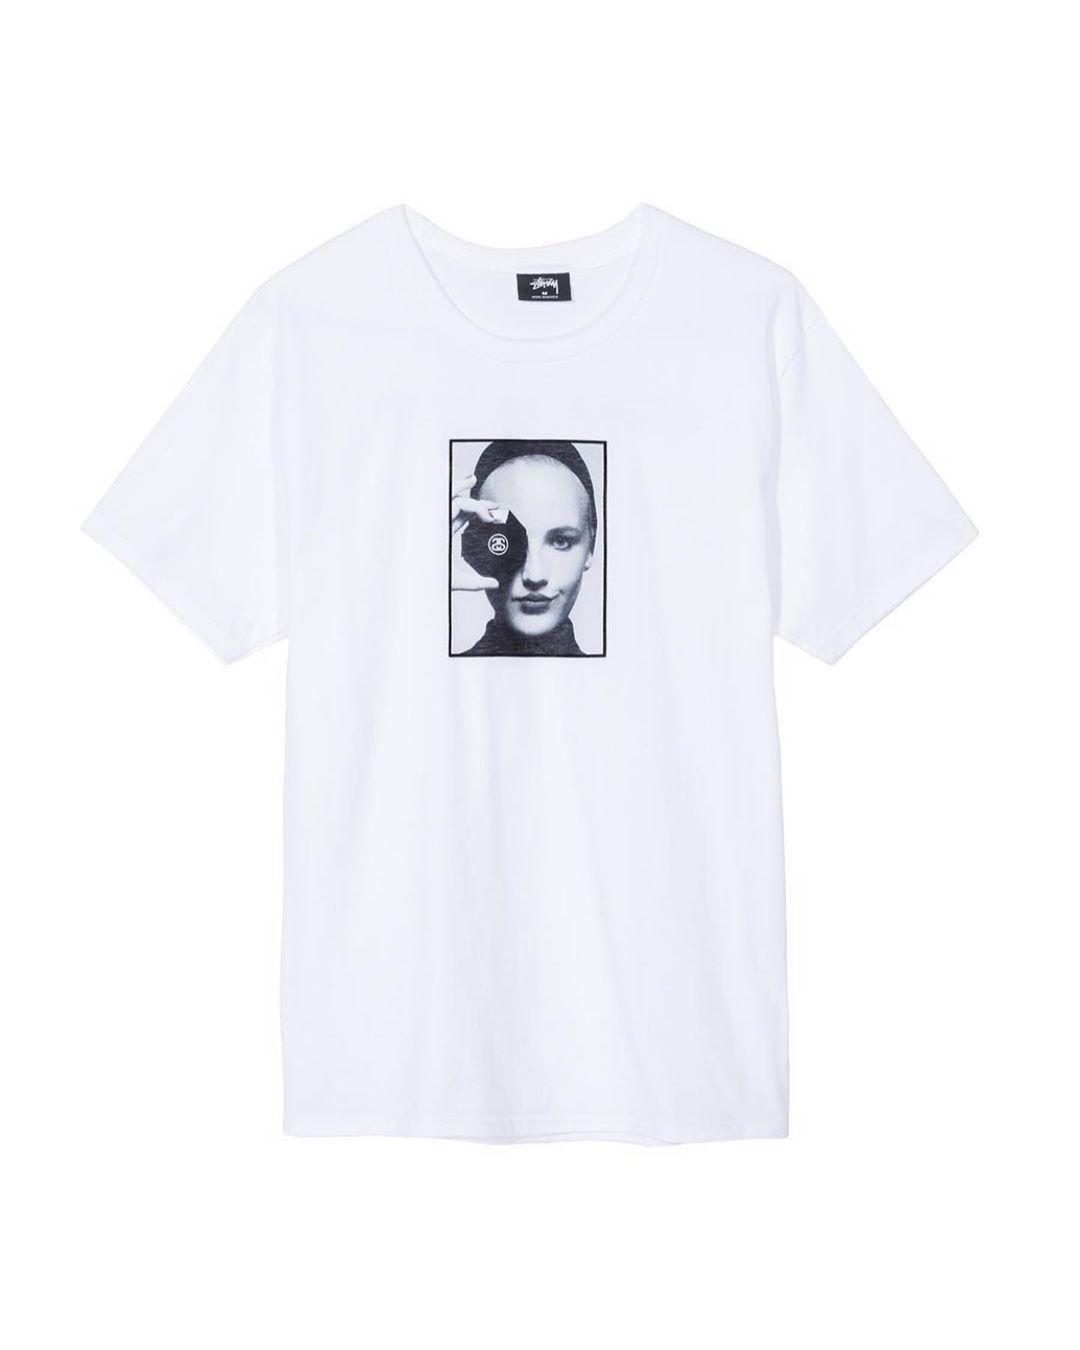 和卹f�x�_stüssy 发布新款 t 恤,向 karl lagerfeld 表达敬意.